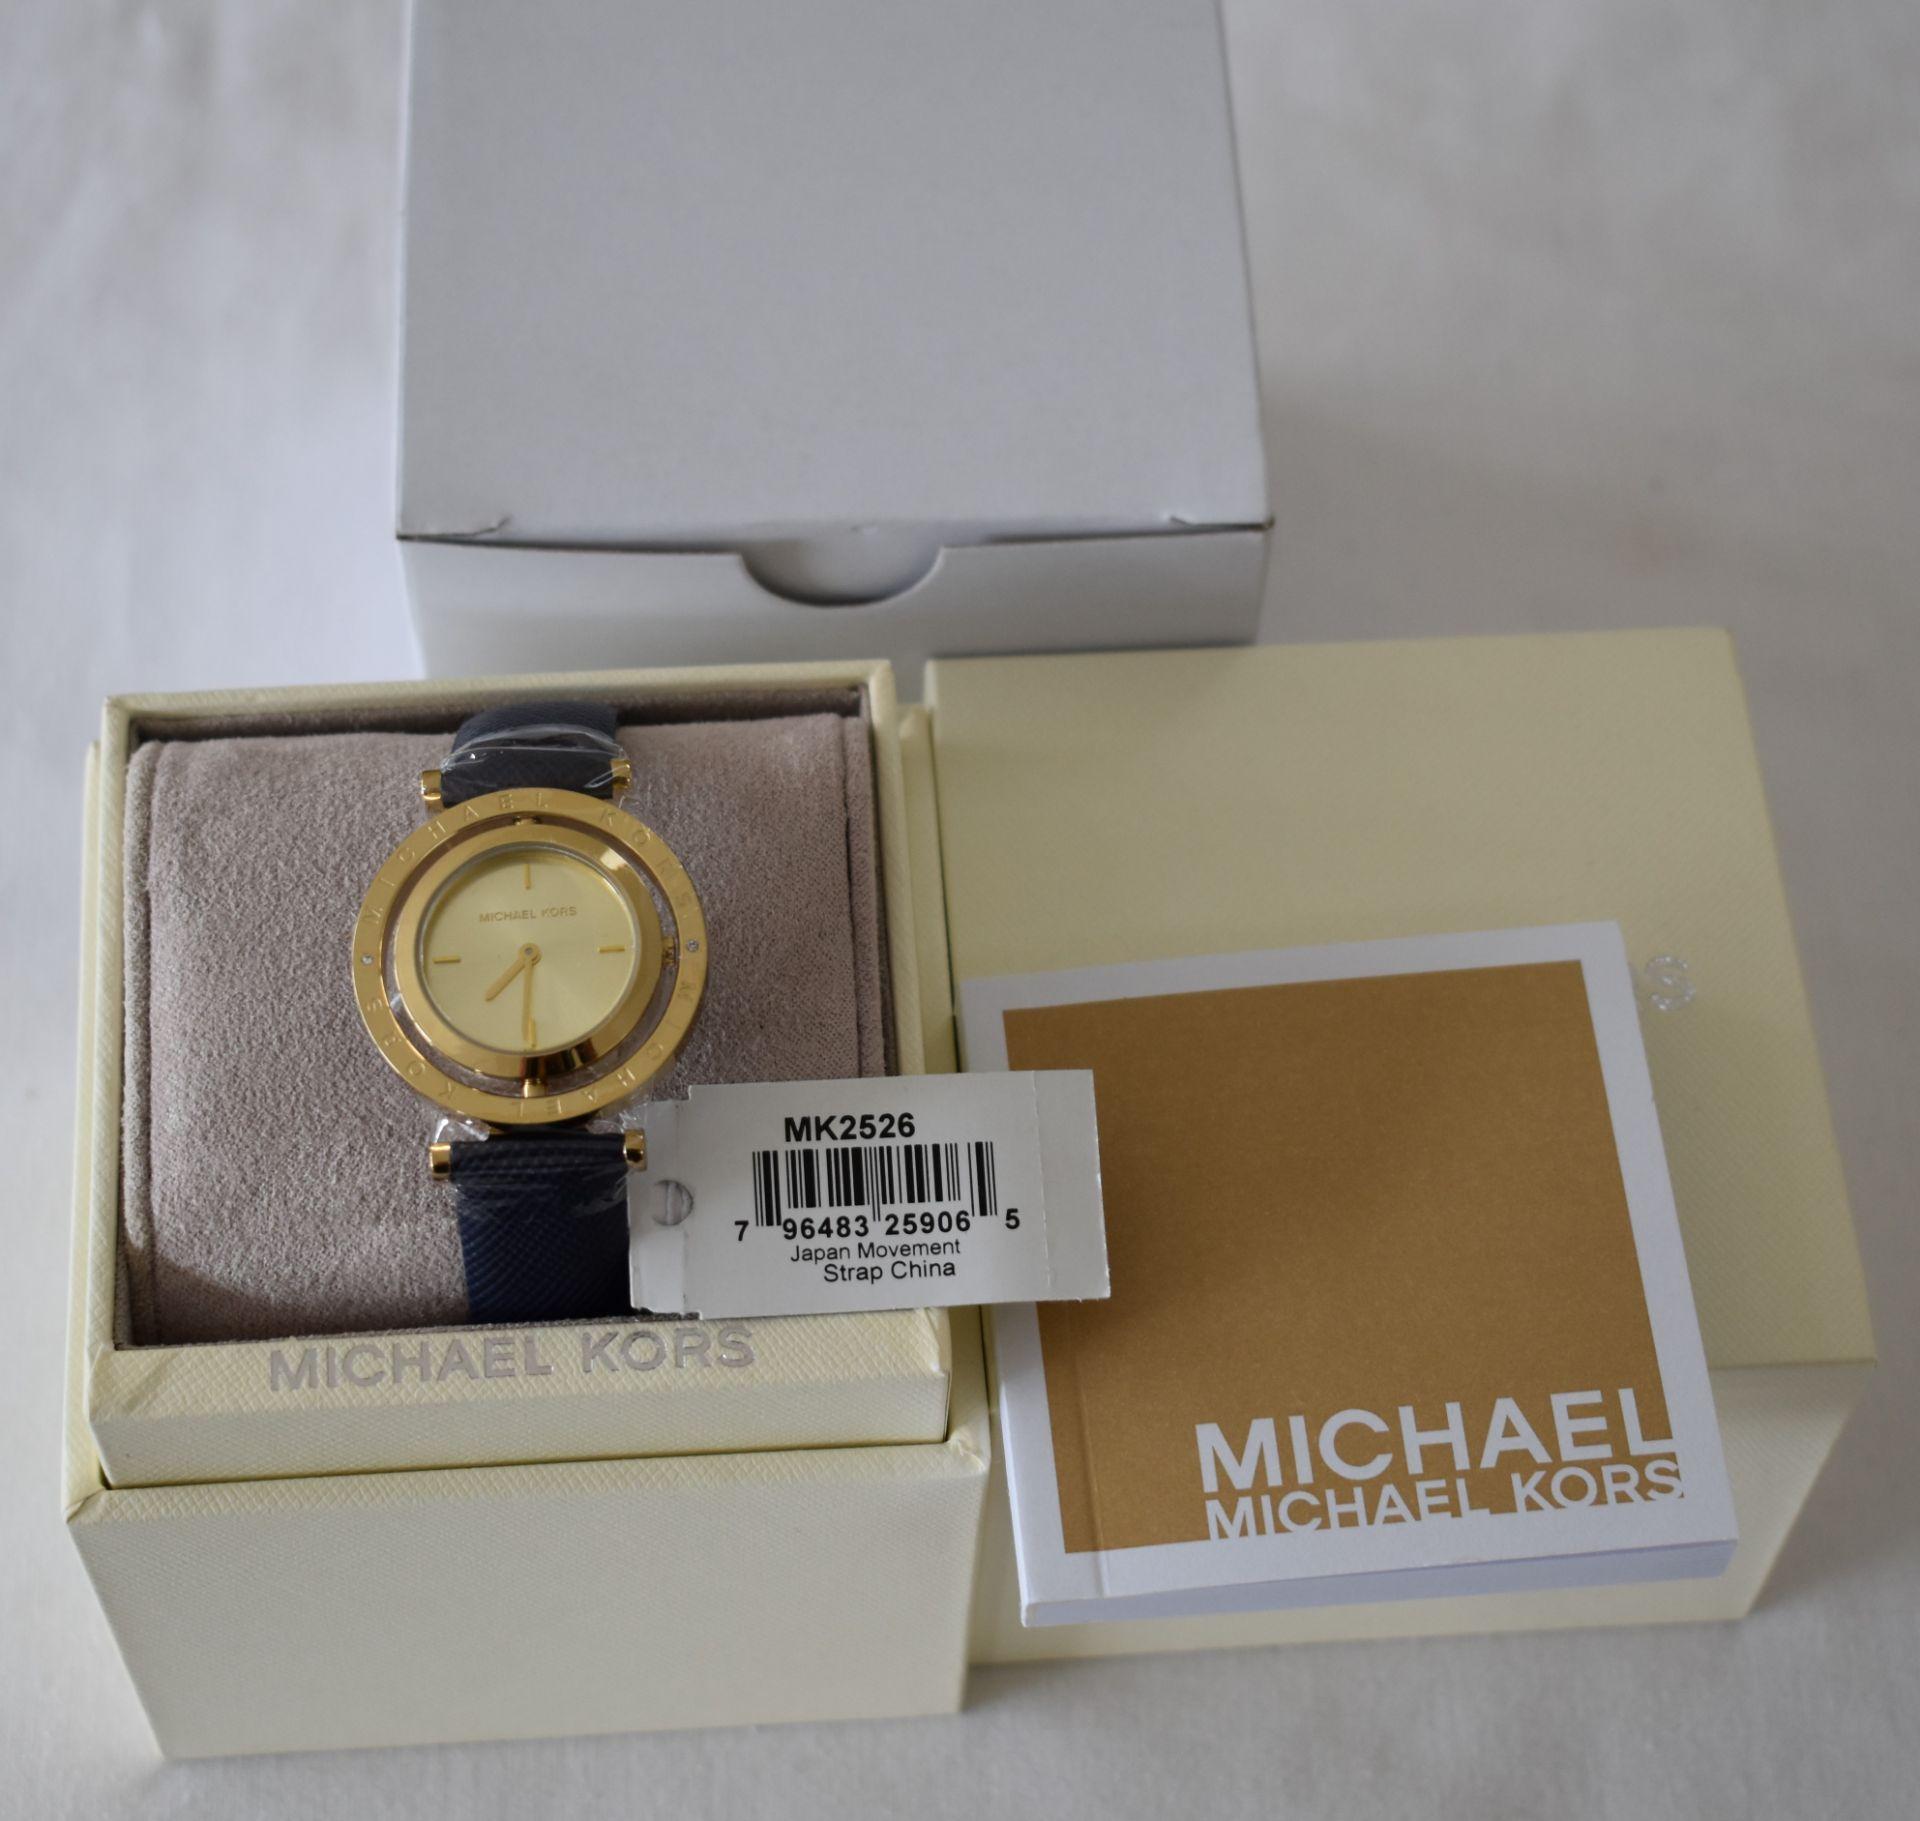 Michael Kors MK2526 Ladies Watch